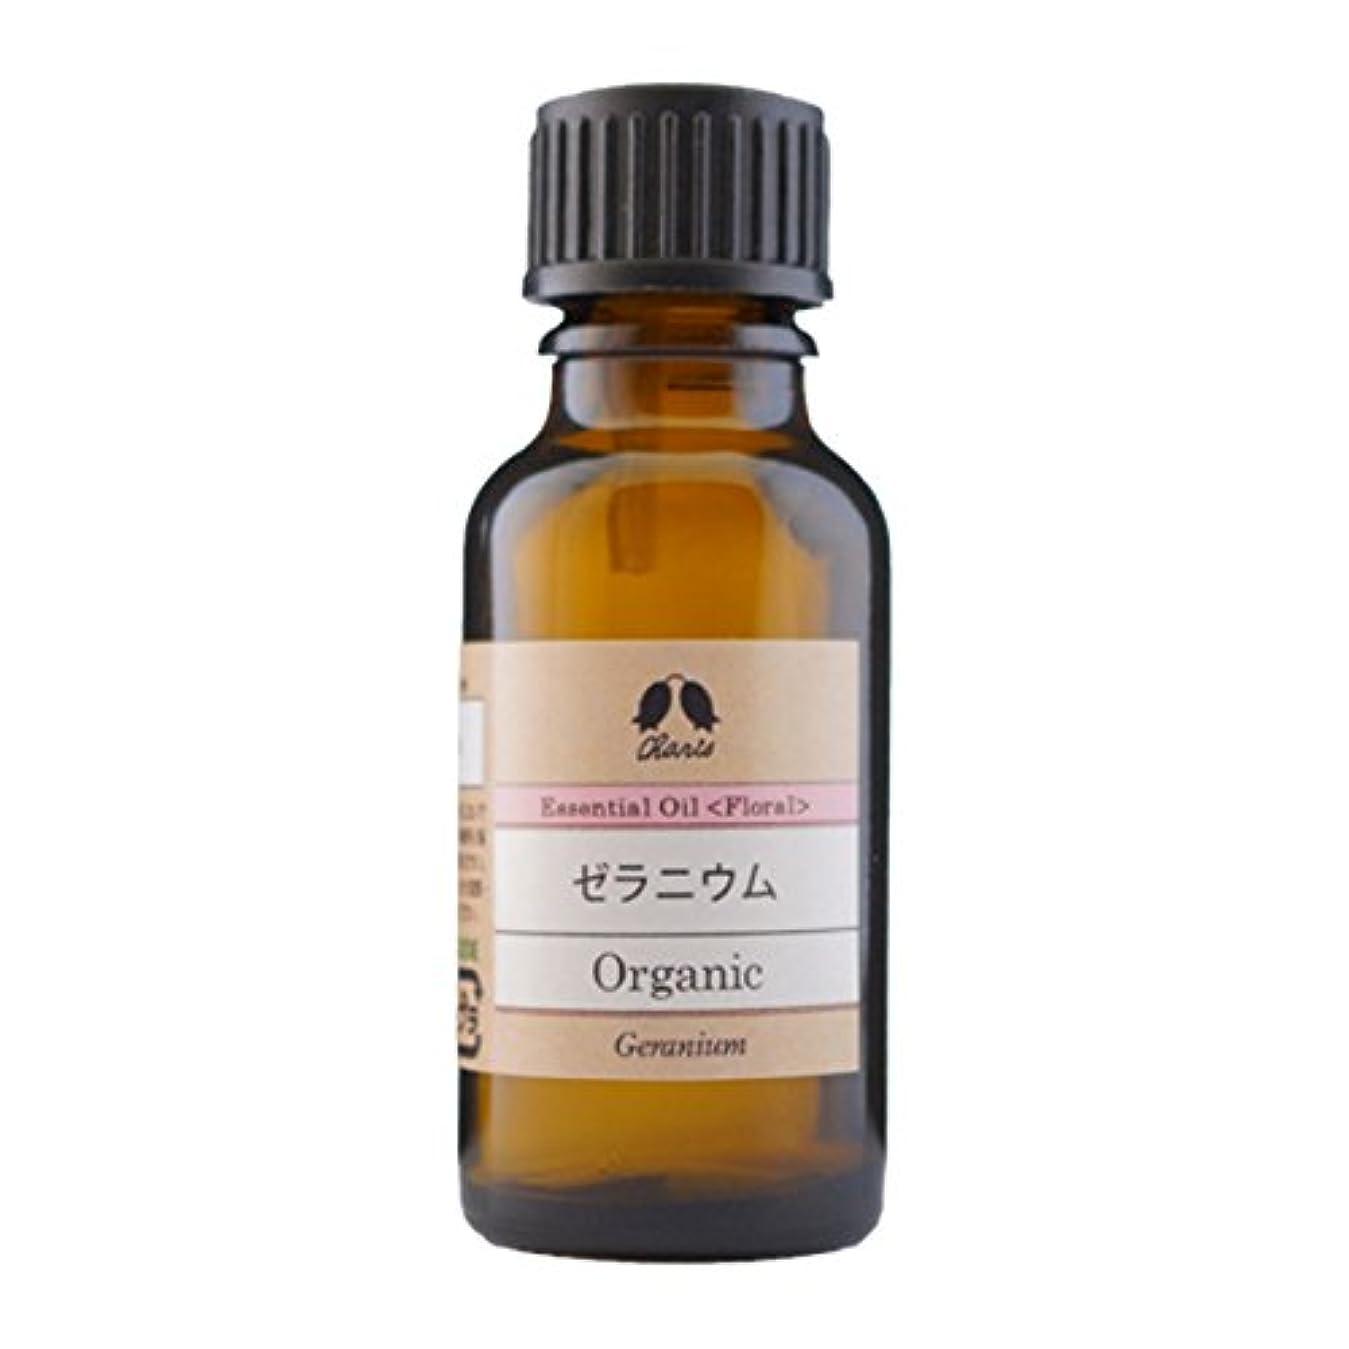 洗剤香りメガロポリスカリス エッセンシャルオイル ゼラニウム オーガニック オイル 20ml